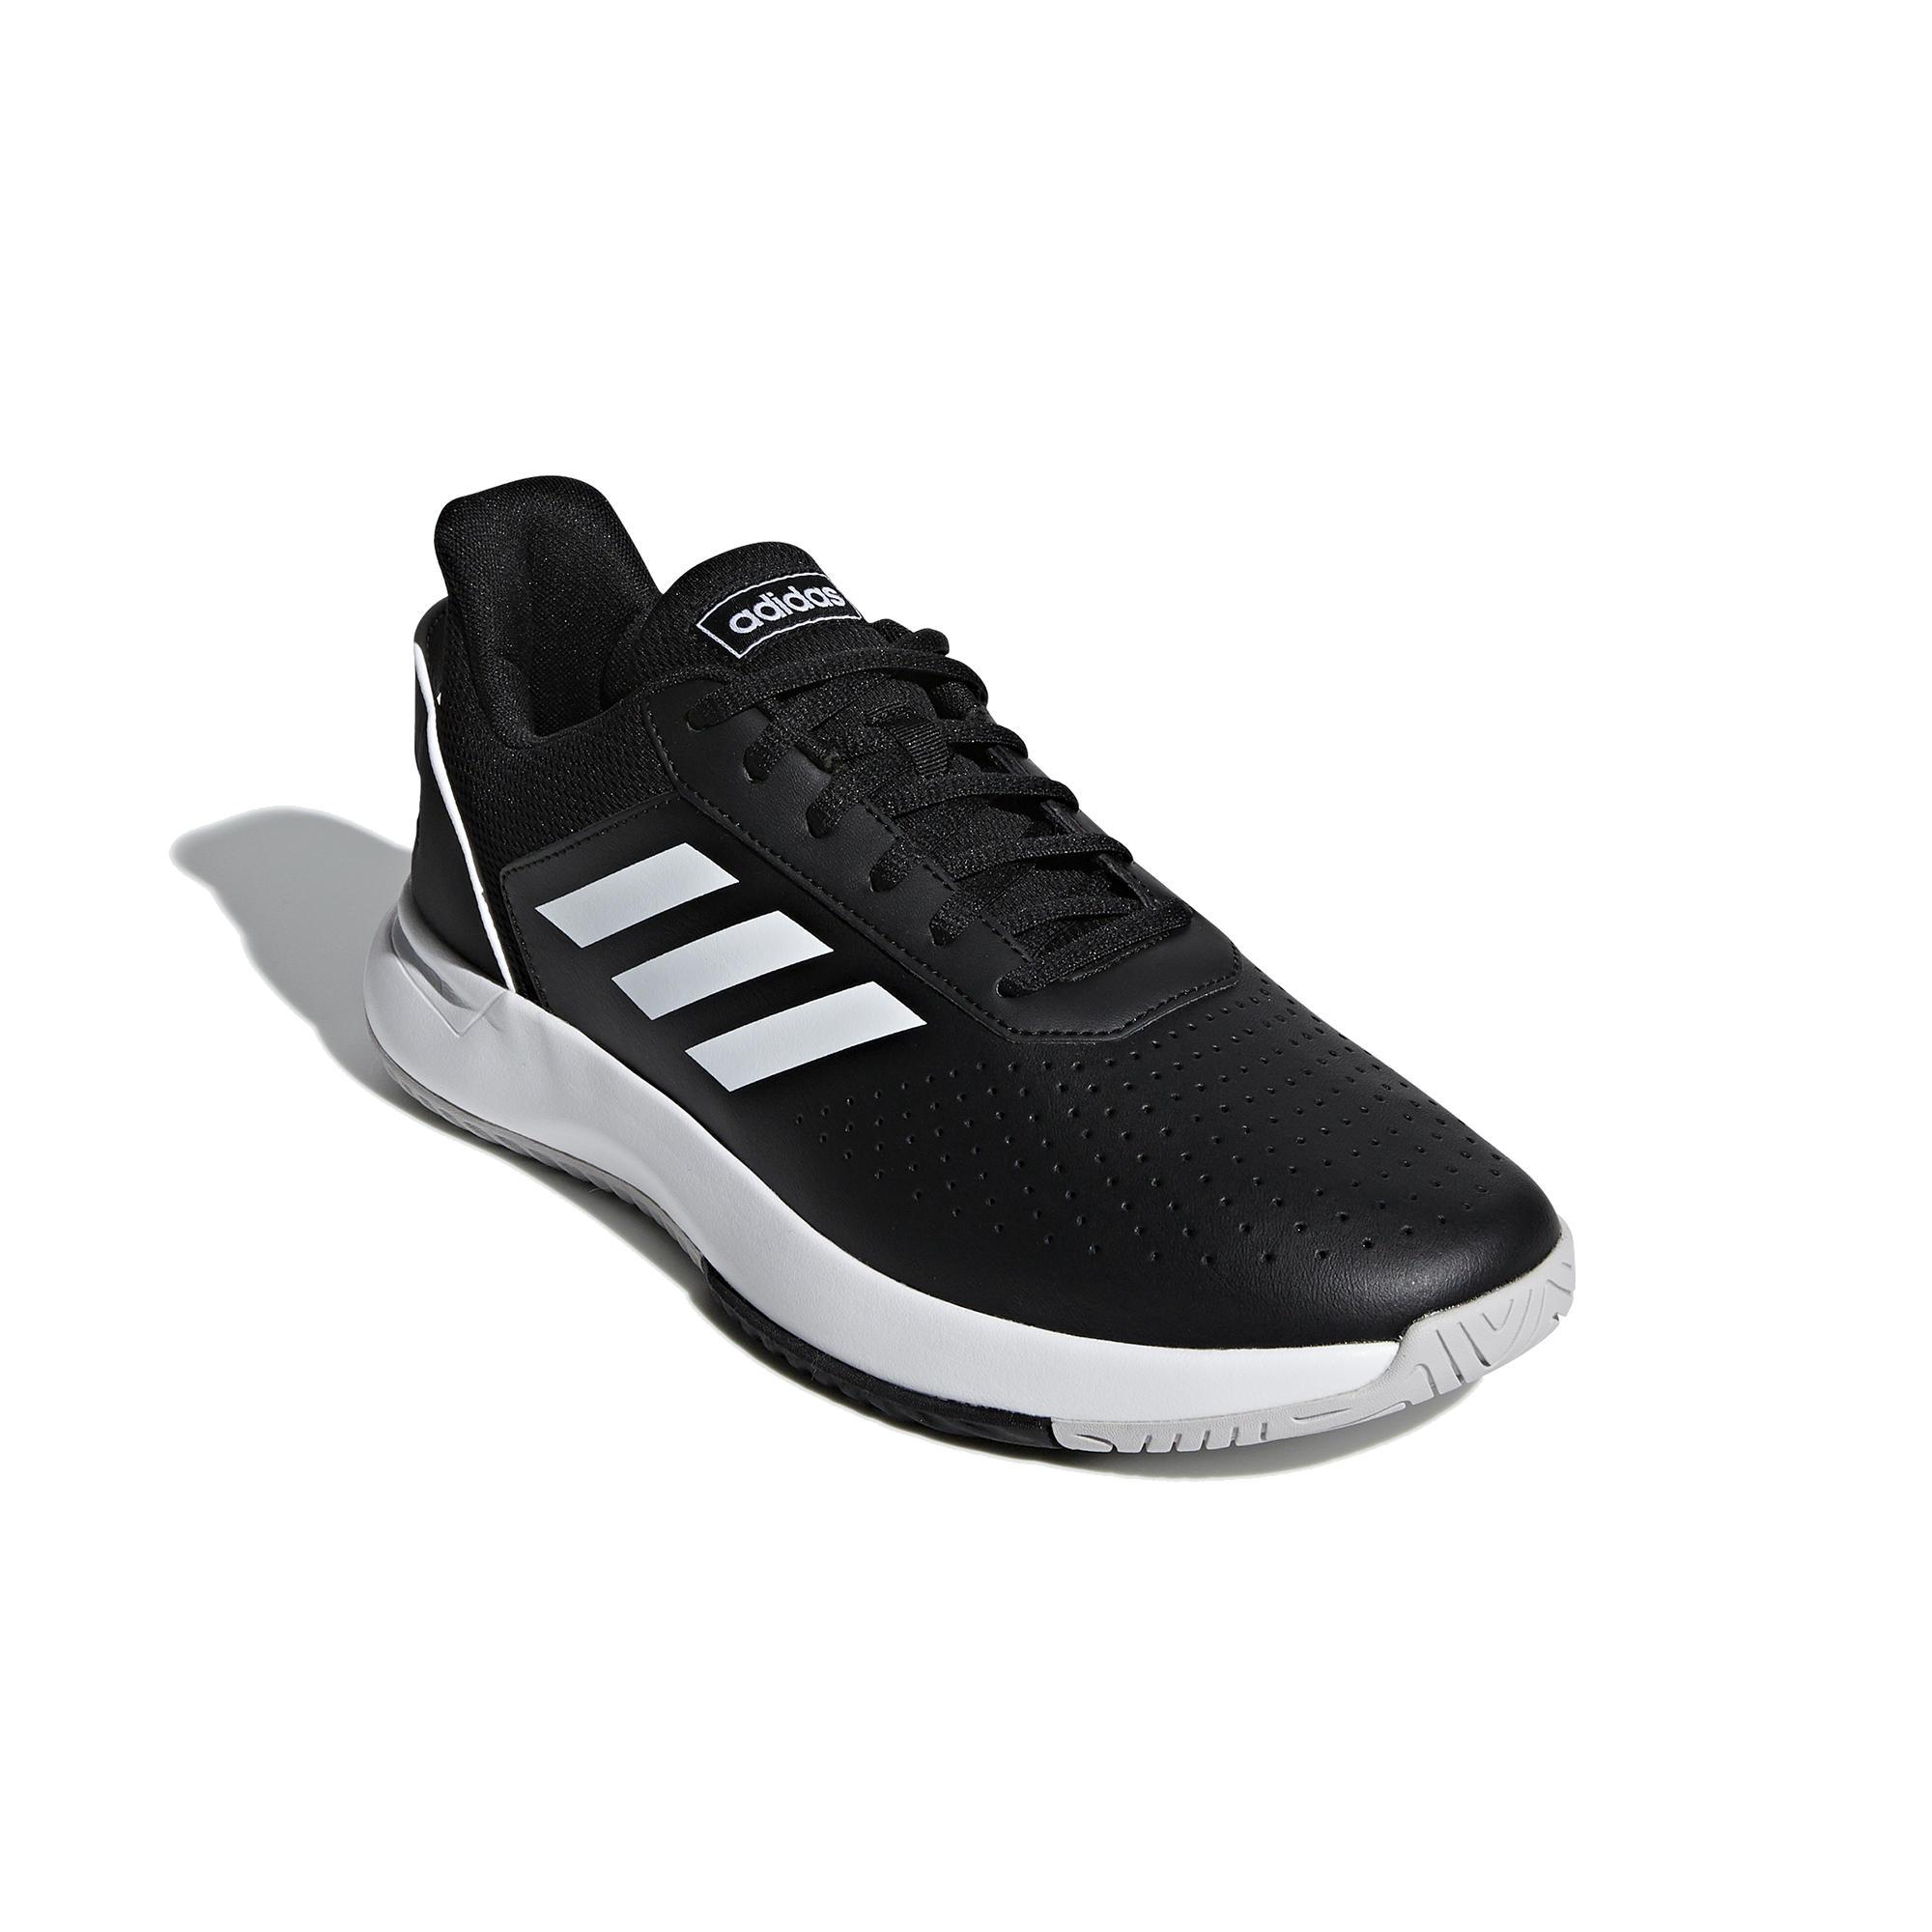 asistente flotador satélite  Comprar Zapatillas de tenis Adidas| Decathlon